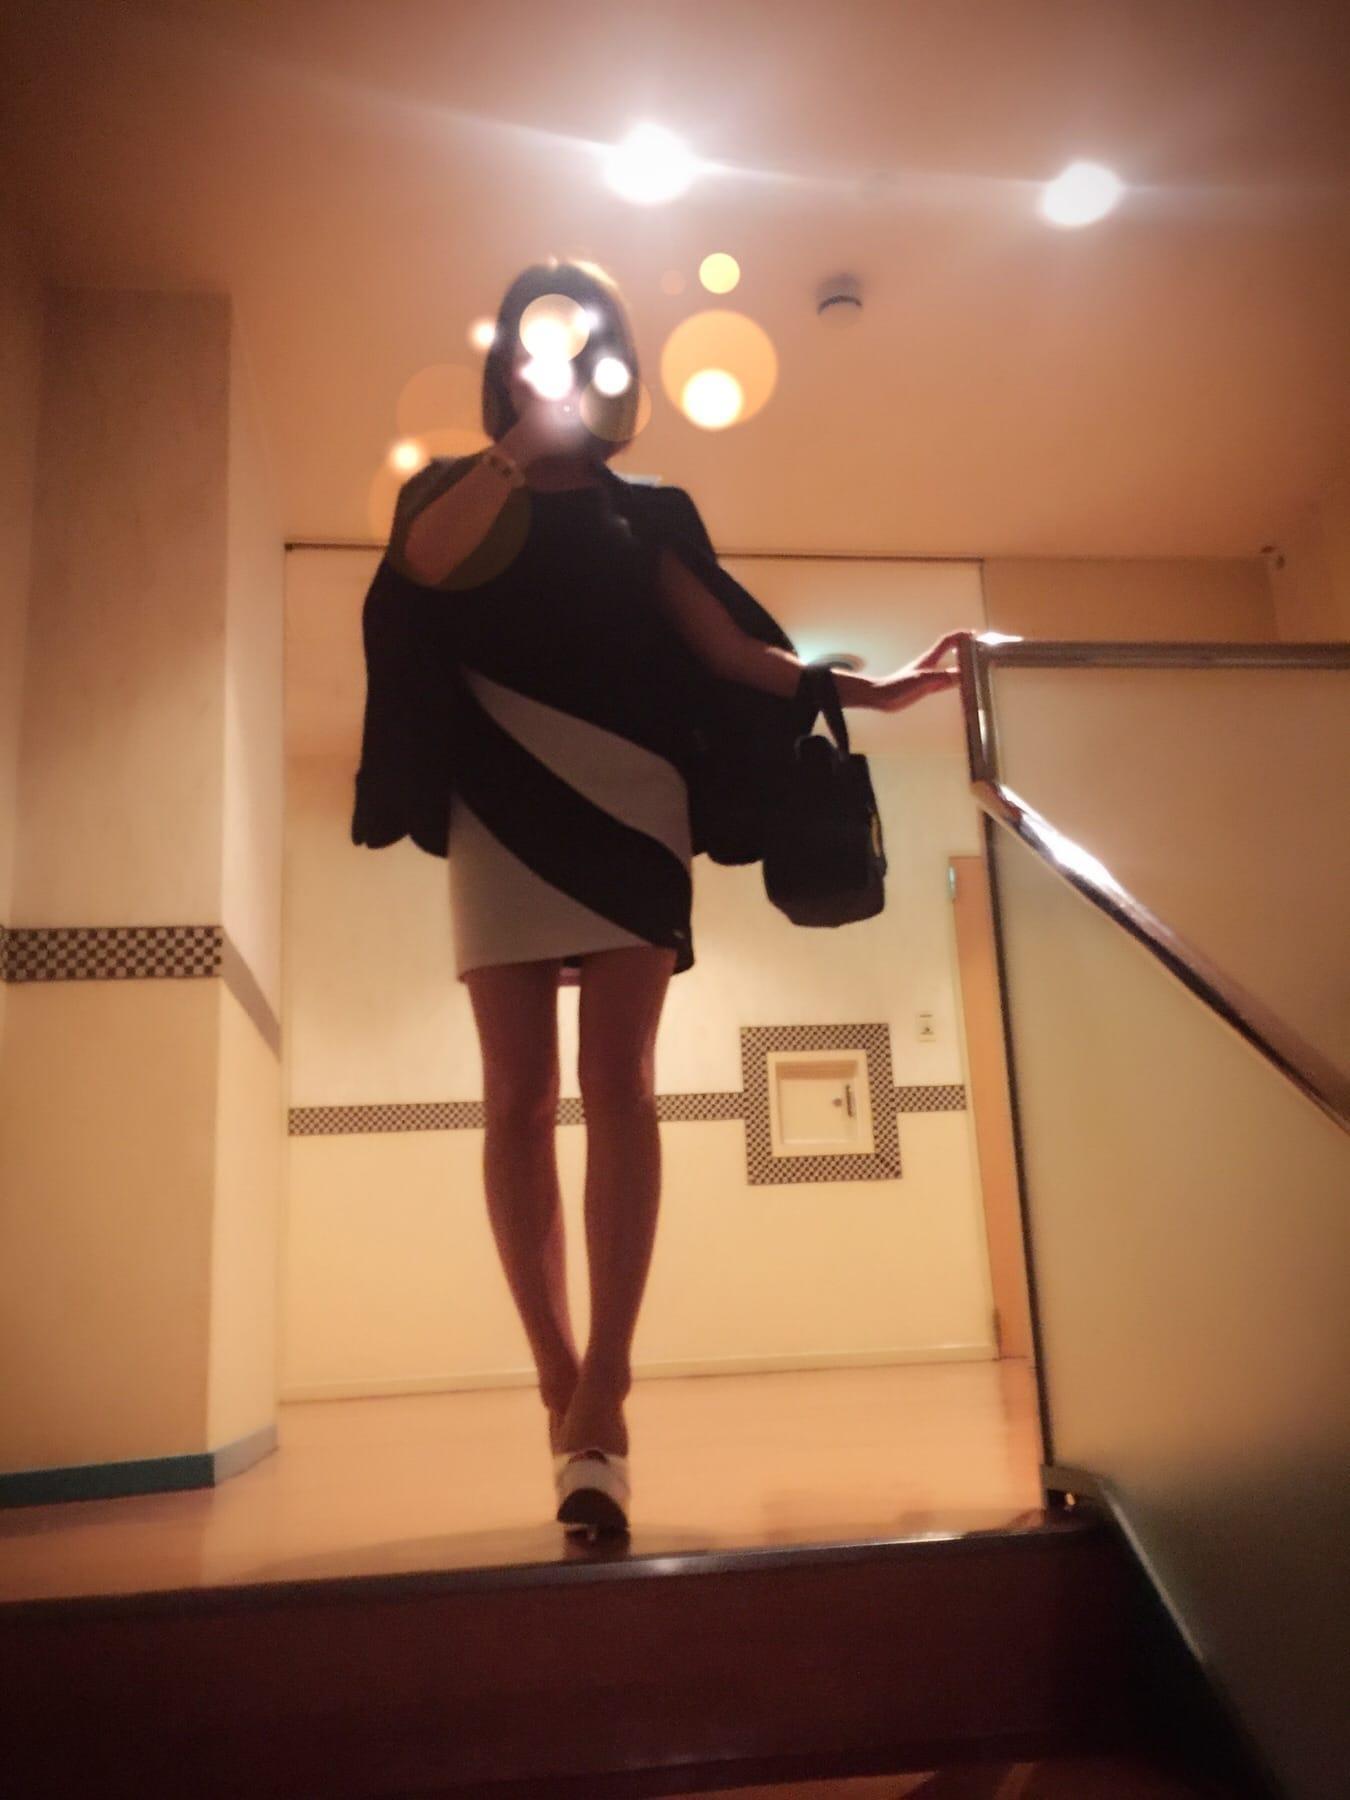 「* gooooodmornig!」01/21(日) 16:24 | リオ(体験)の写メ・風俗動画